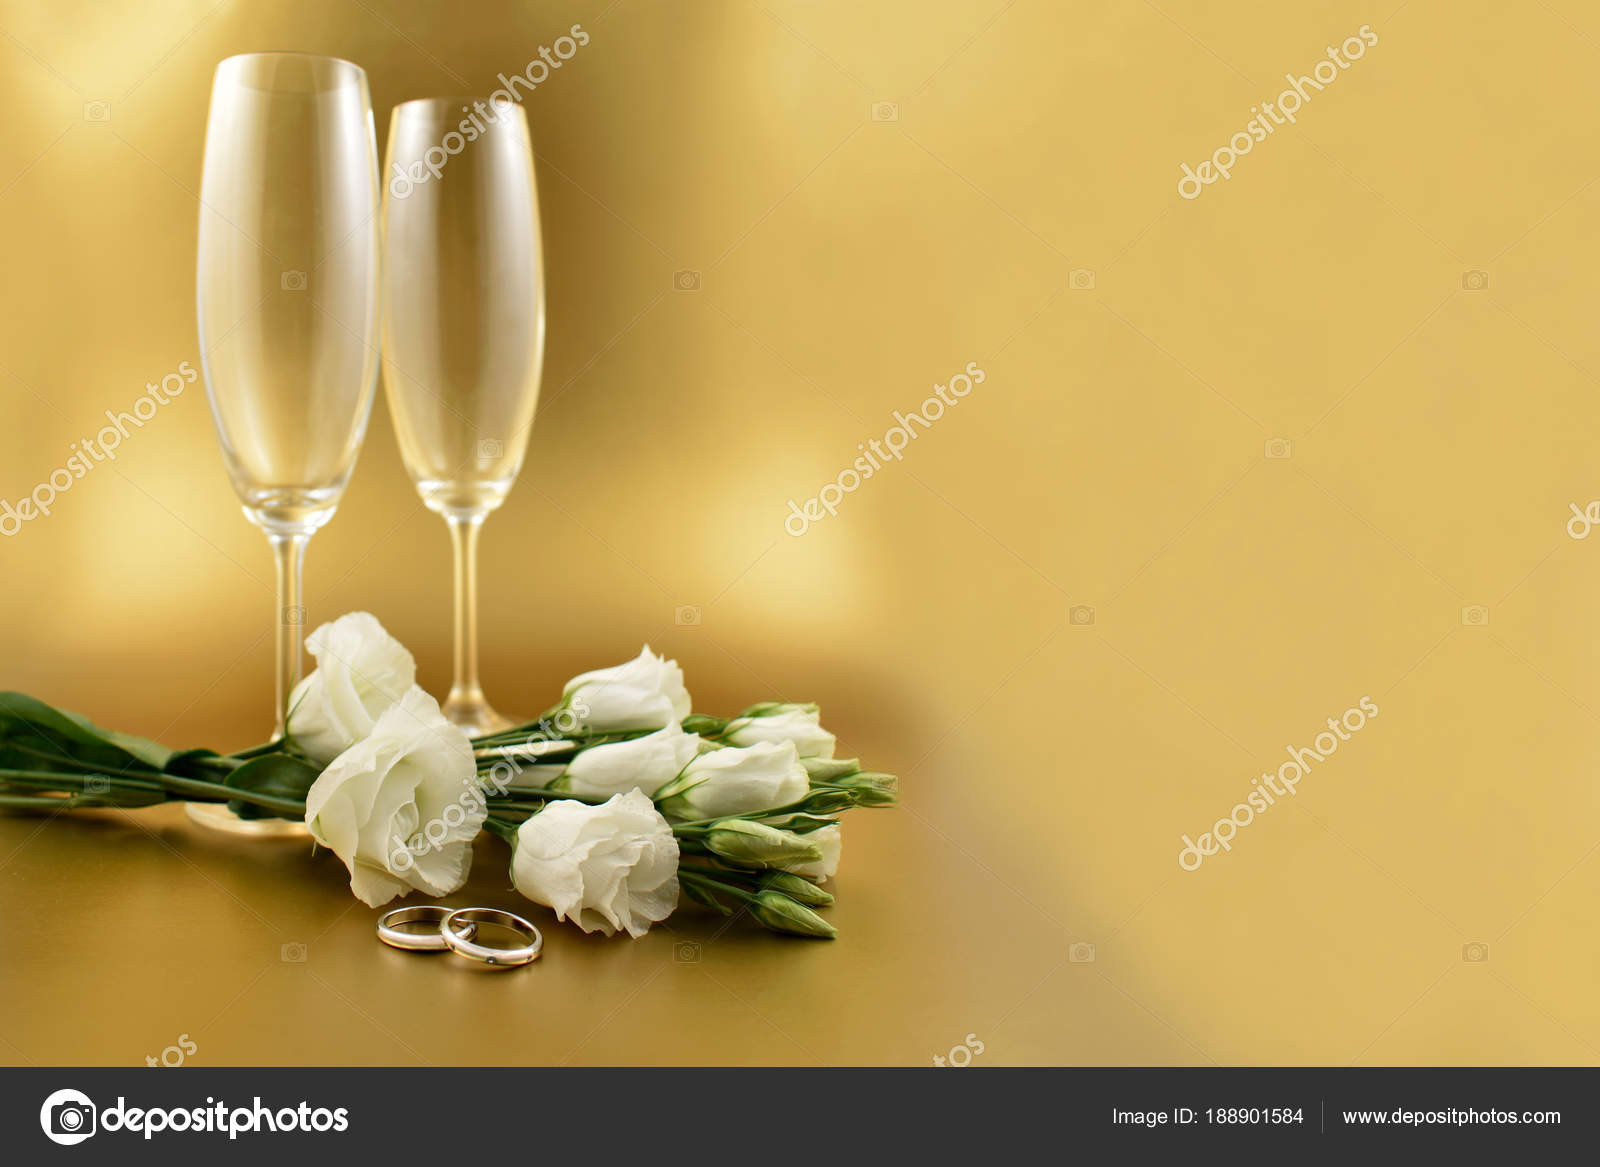 Die 20 Besten Ideen Fr Goldene Hochzeit Hintergrundbilder  Beste Wohnkultur Bastelideen